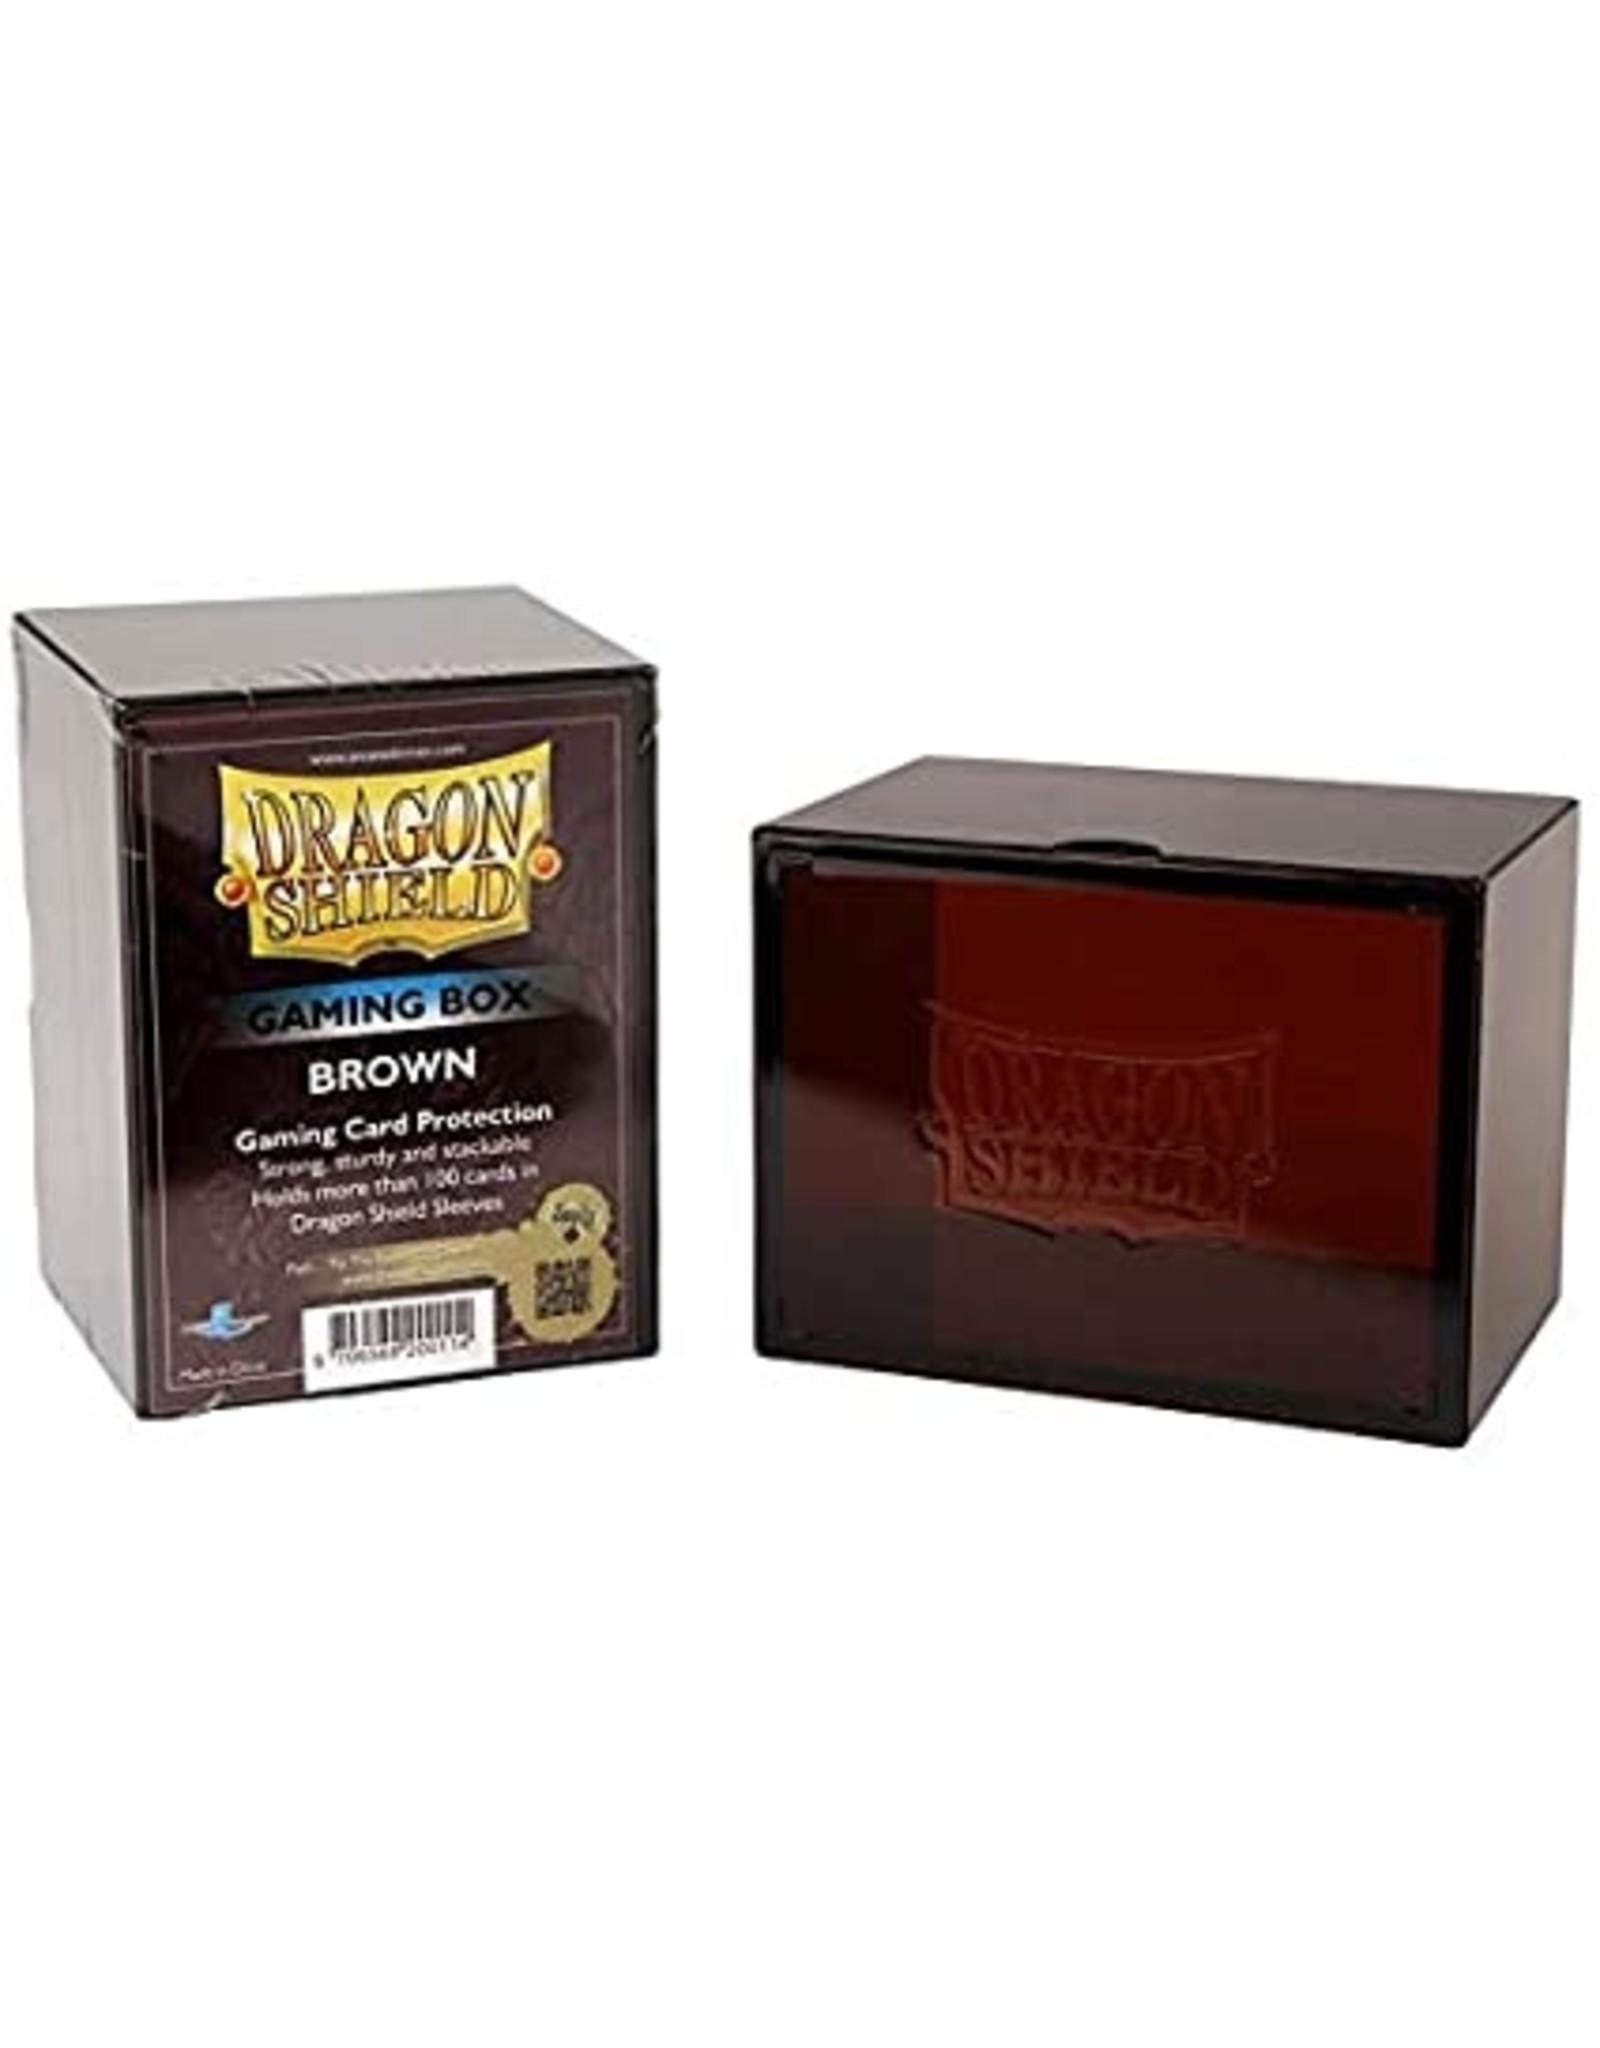 Dragon Shield: Gaming Box Brown